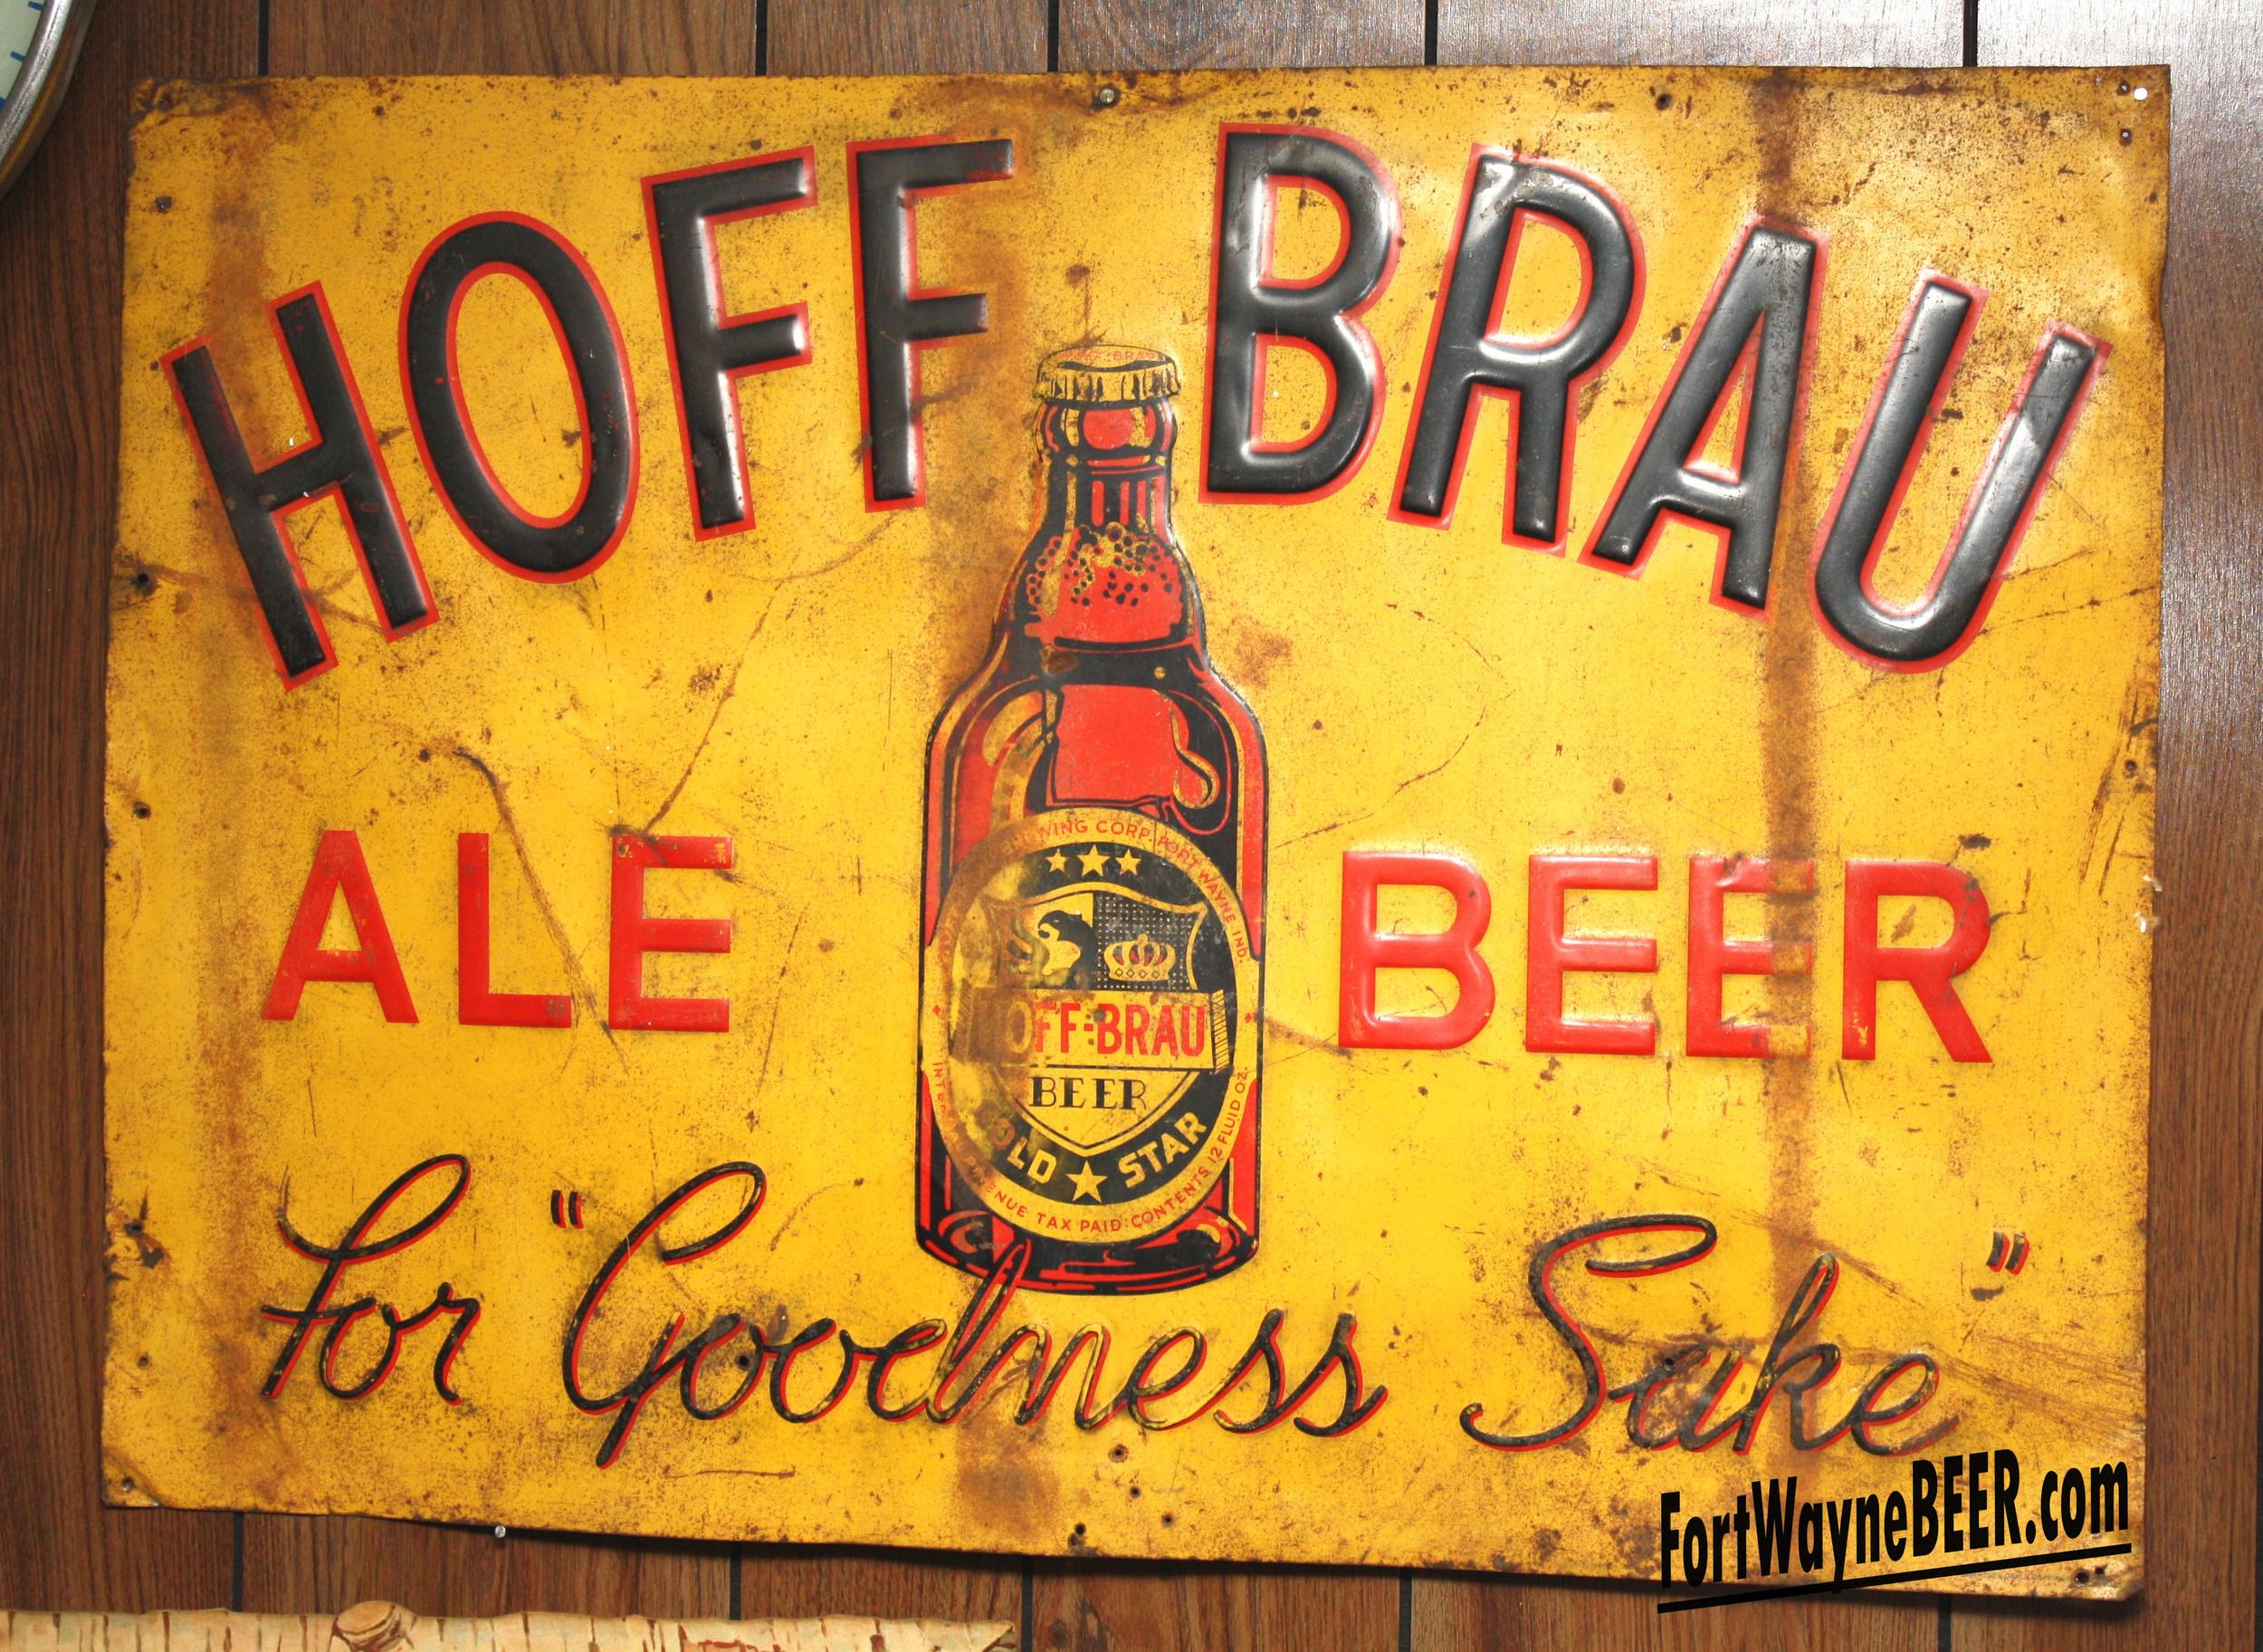 Hoff-Brau Ale Sign3 copy.jpg